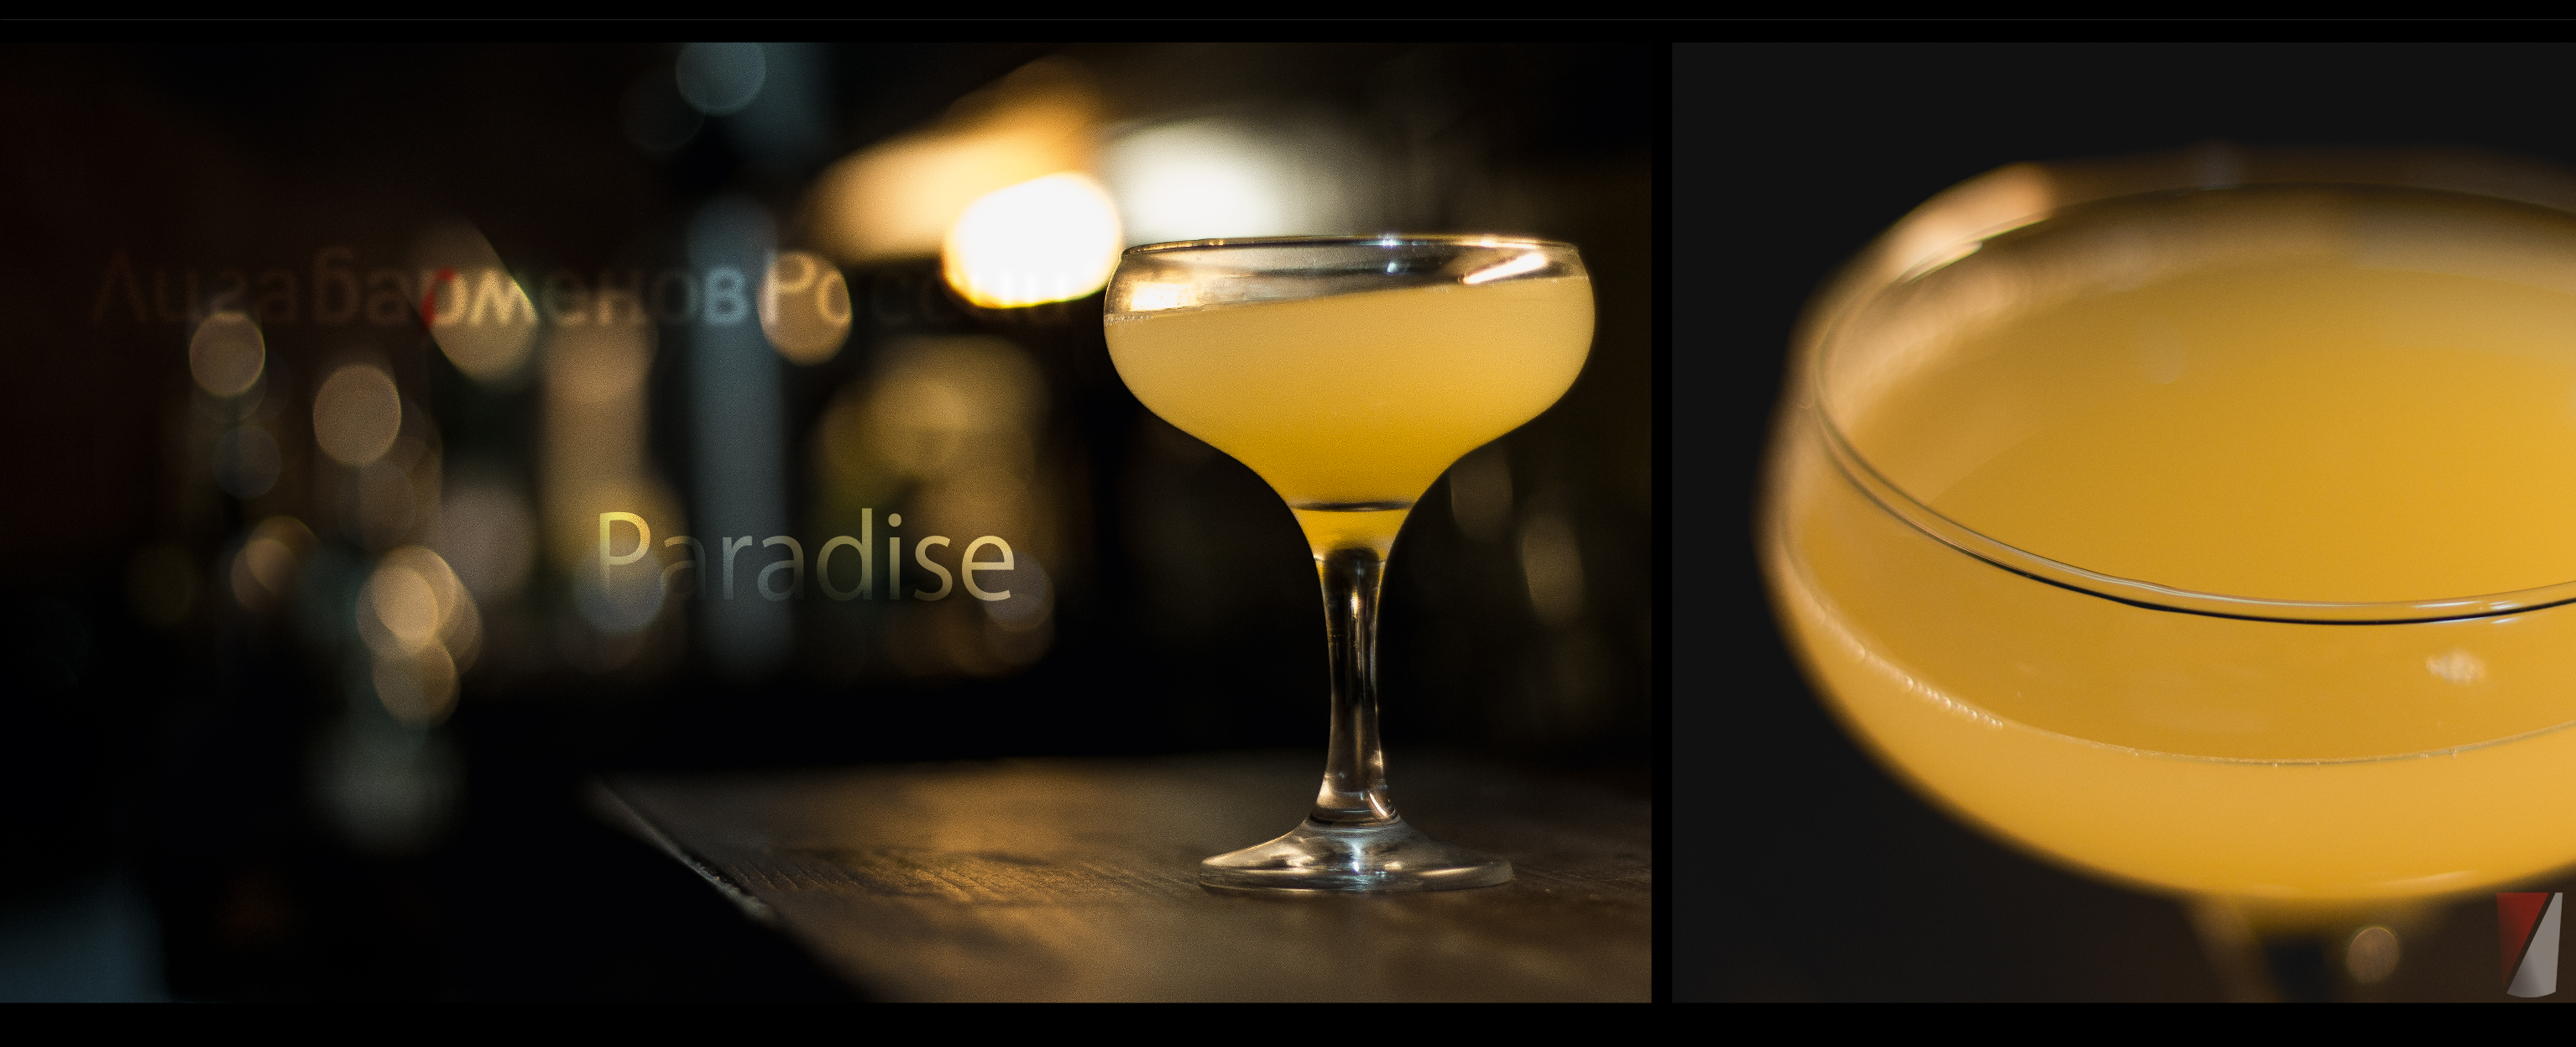 Рецепт коктейля Paradise